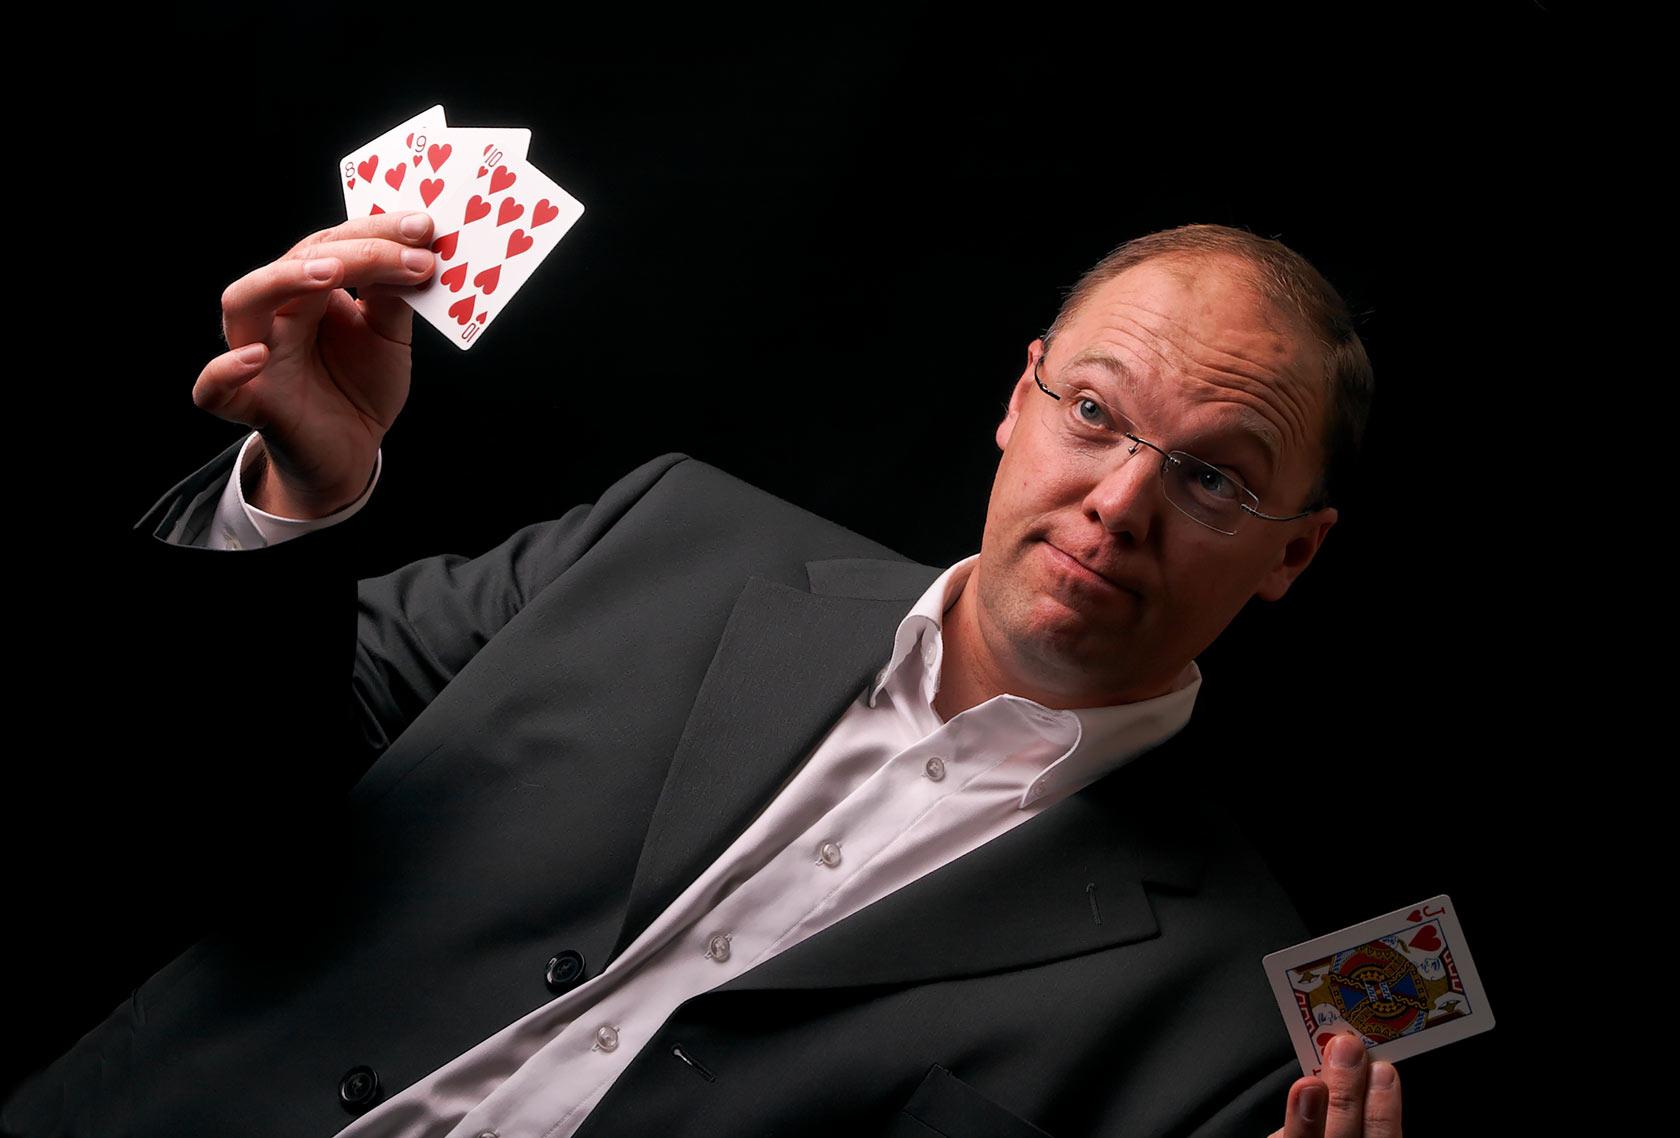 Philippe Noel, magie avec cartes